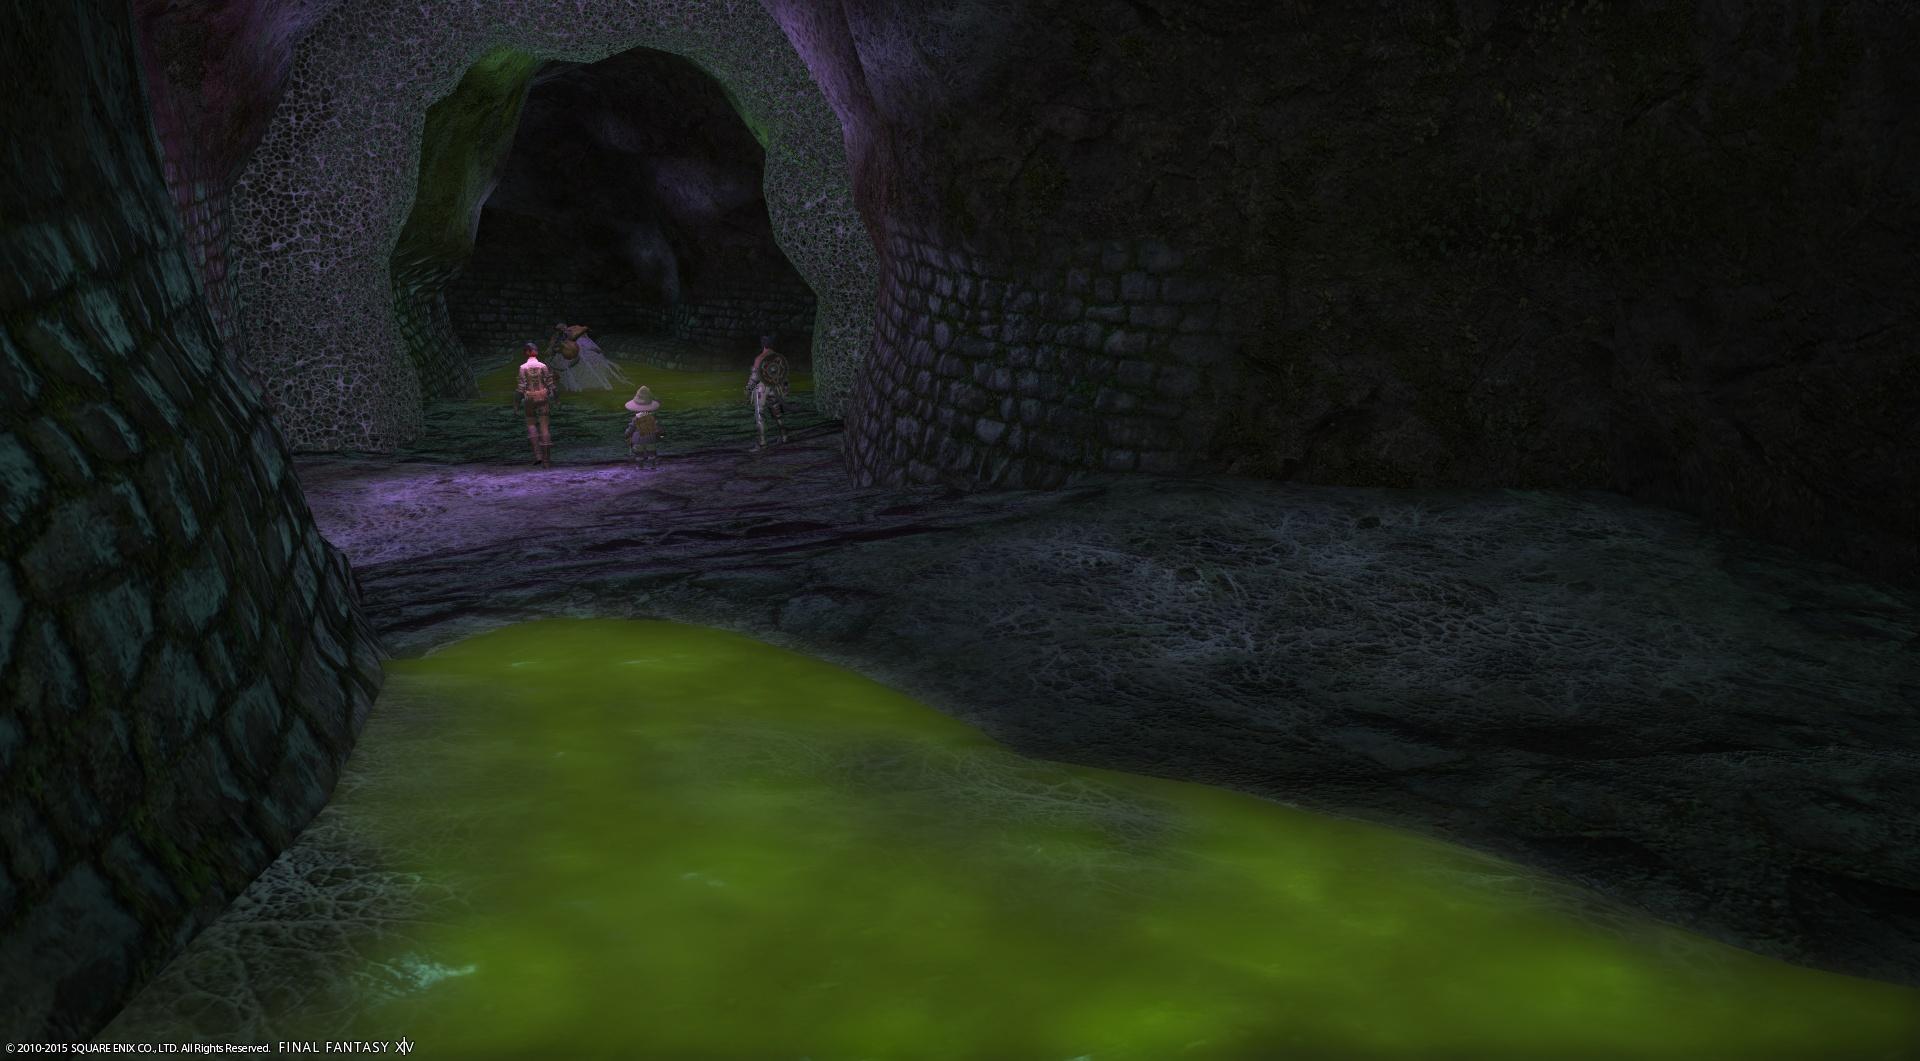 監獄廃墟 トトラクの千獄 - スライム状の地面は歩くとヘヴィーになる